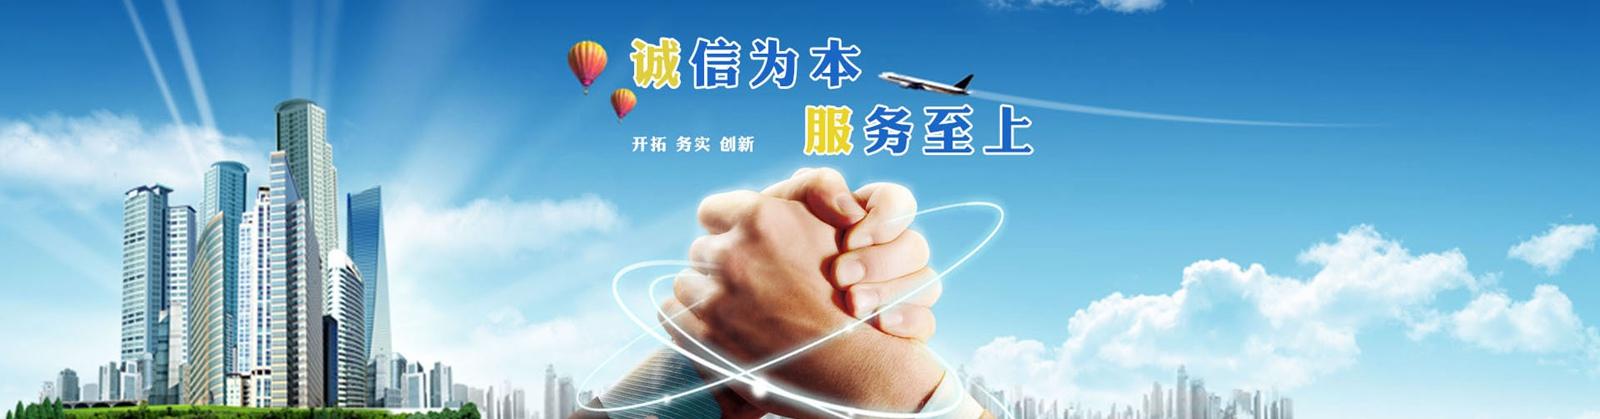 上海桥架厂/电缆桥架厂/电缆桥架价格